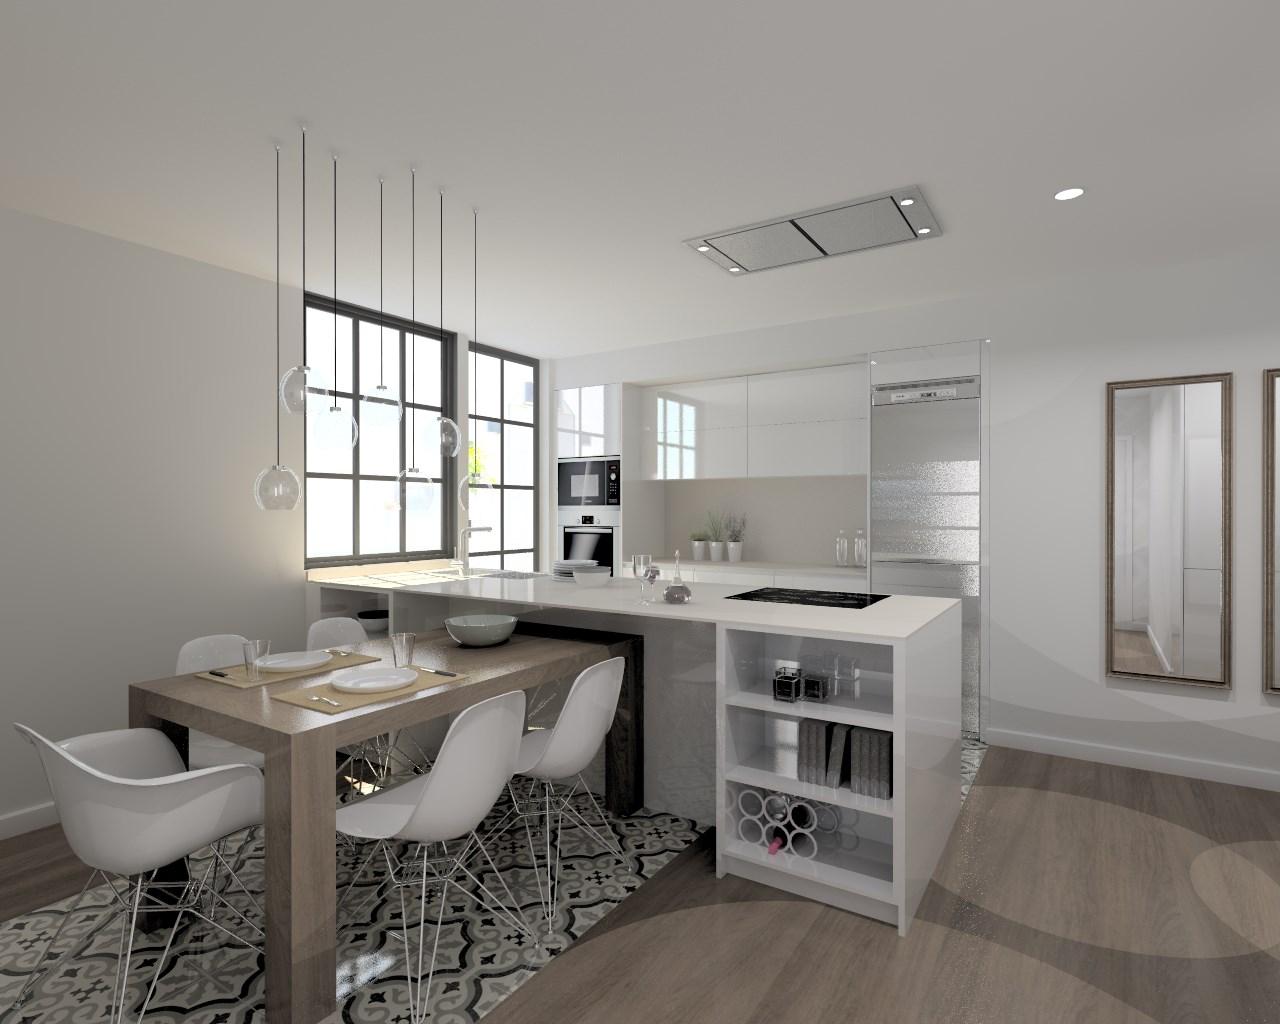 Cocina santos modelo line laminado blanco brillo neolith for Cocinas modelos 2016